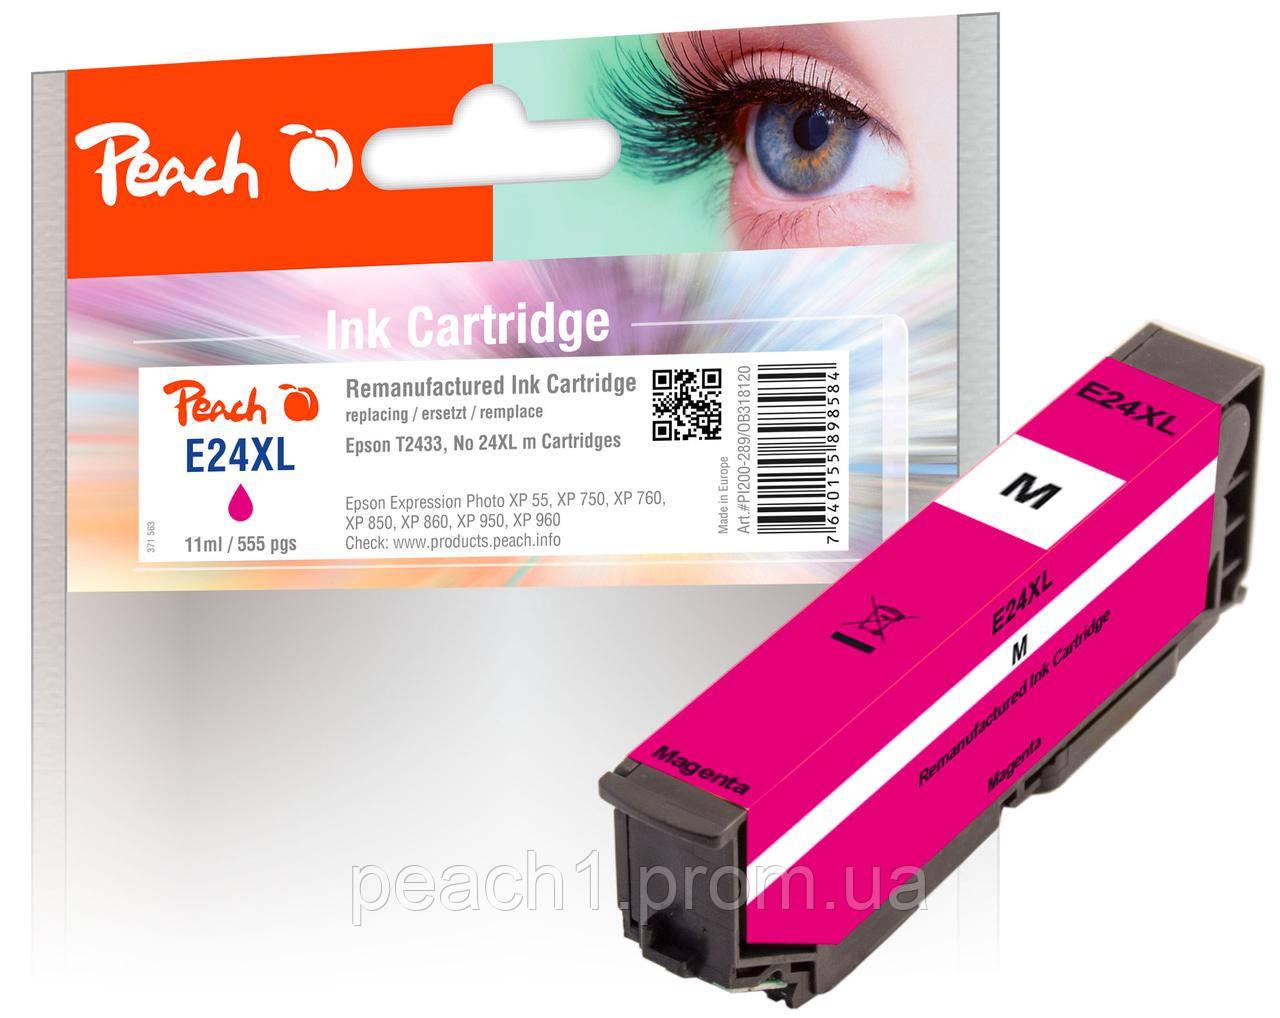 Картридж струменевий, рожевий (Пурпурний/Magenta) Epson T2433, No 24XL з оригінальним чіпом.